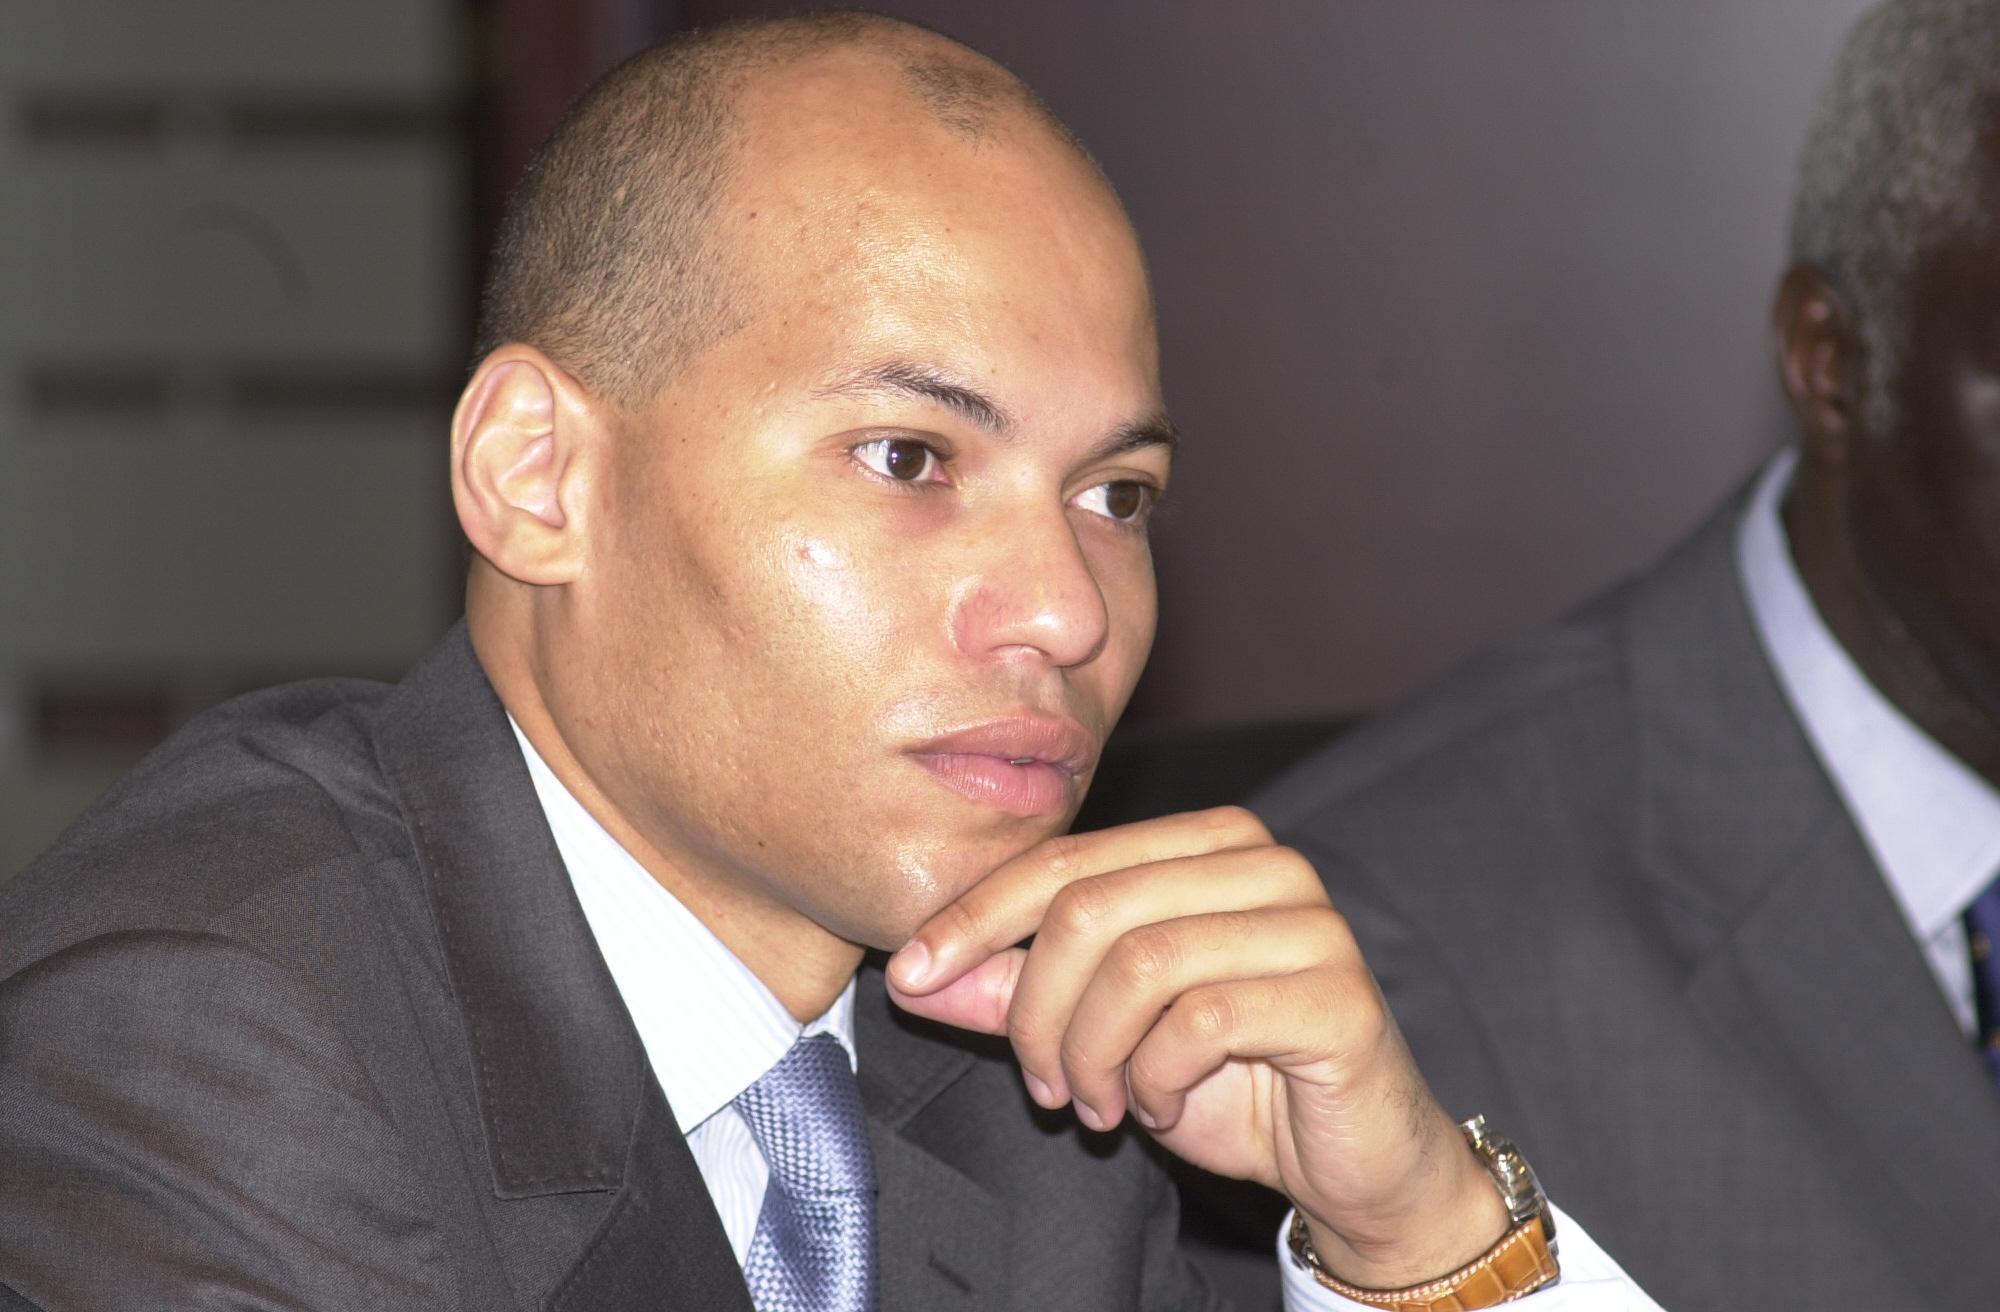 Renonciation à sa nationalité 5 ans avant le scrutin : « Si Karim n'est pas visé, pourquoi cette proposition »